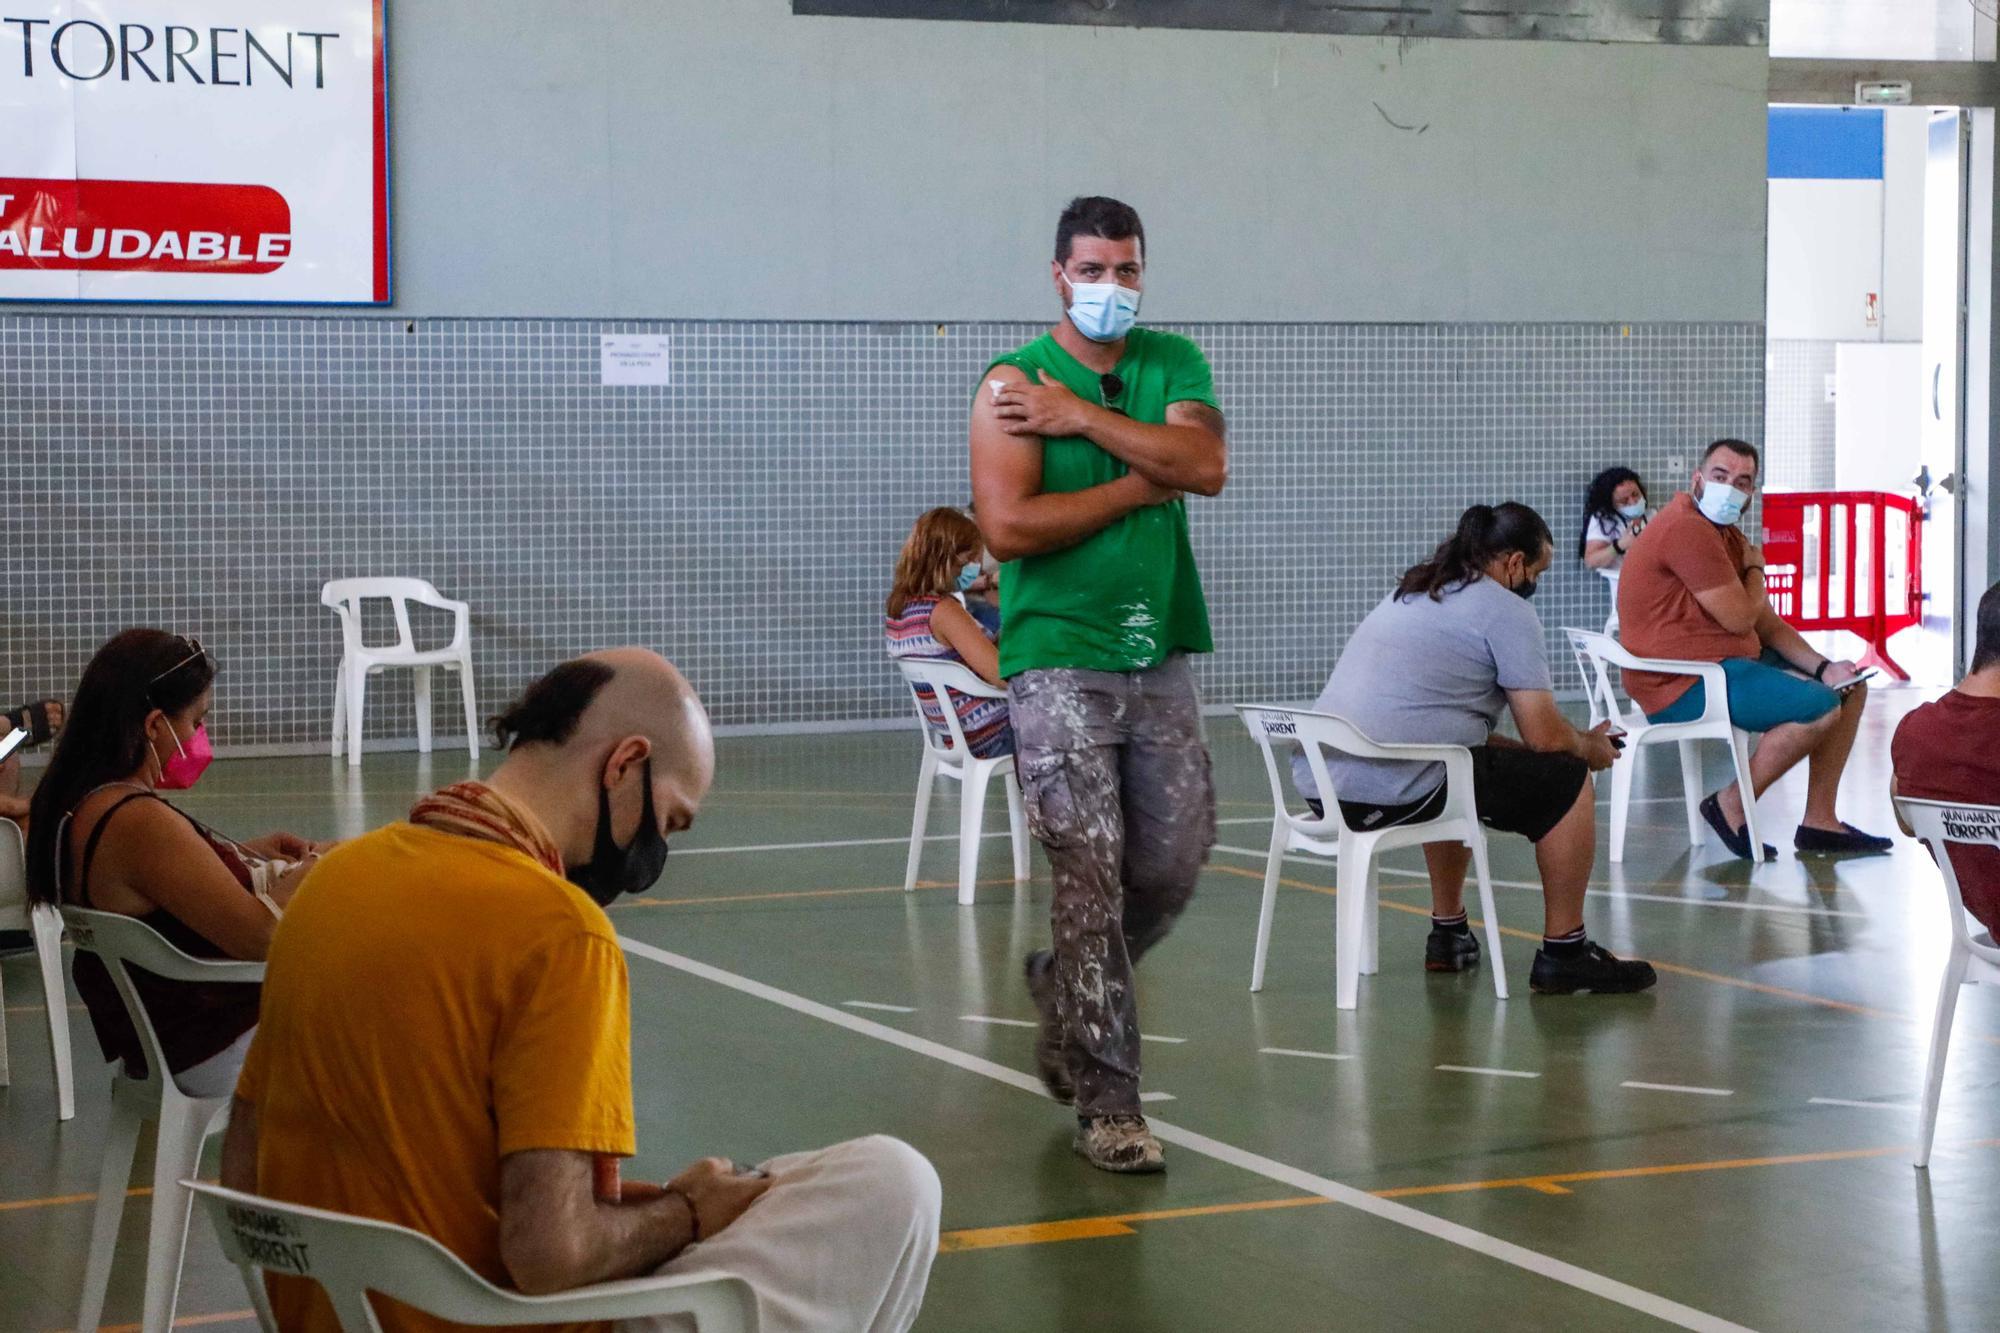 Vacunación de treintañeros en el pabellón municipal de El Vedat, en Torrent